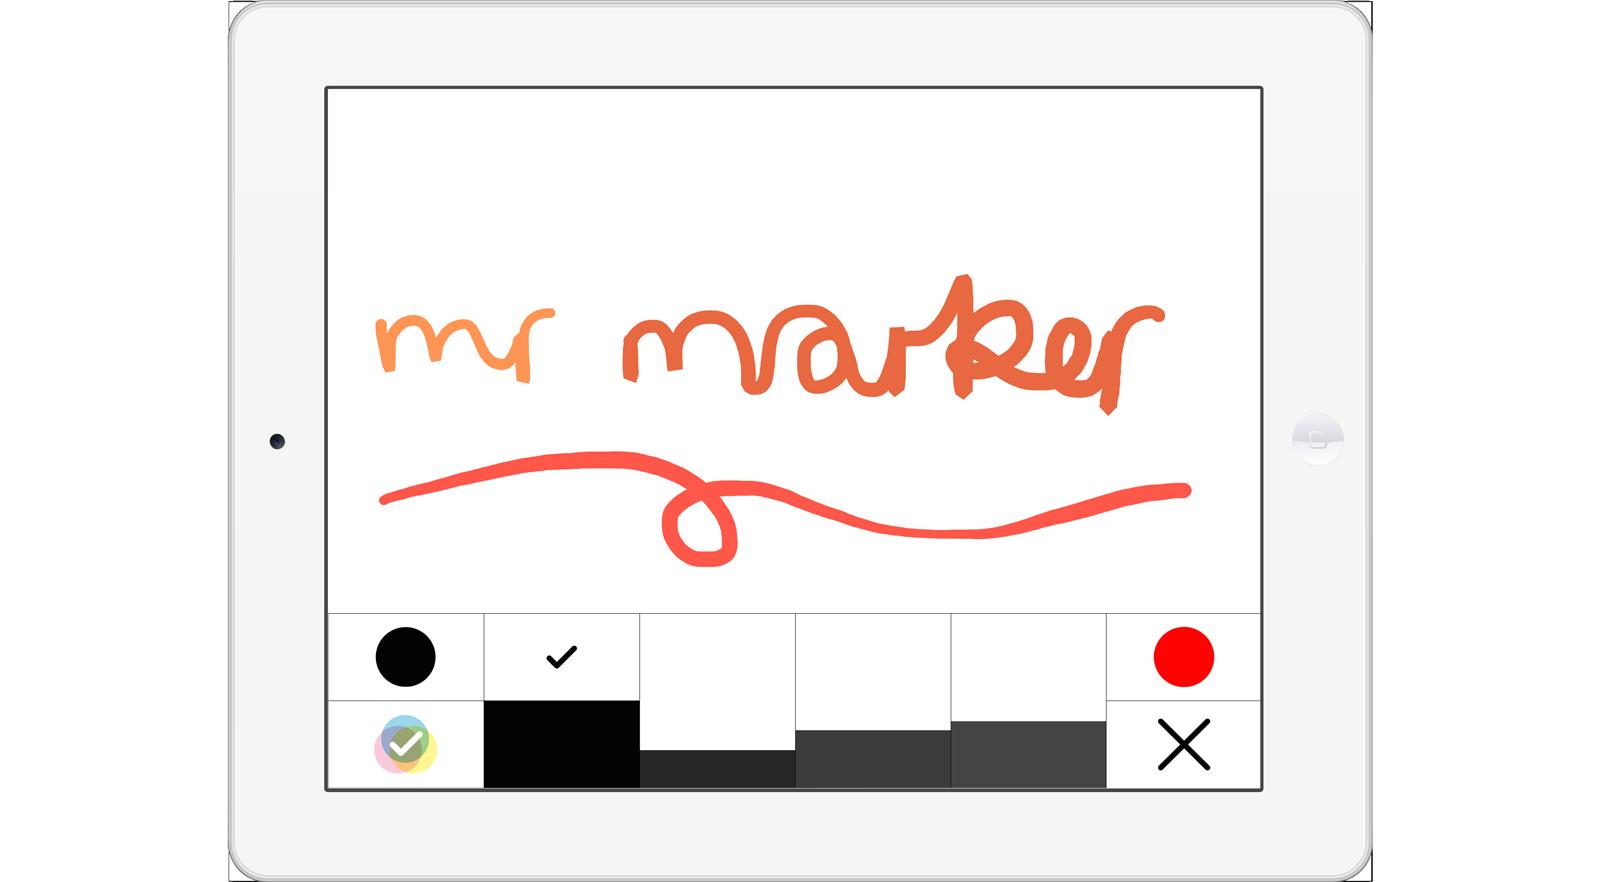 Mr Marker